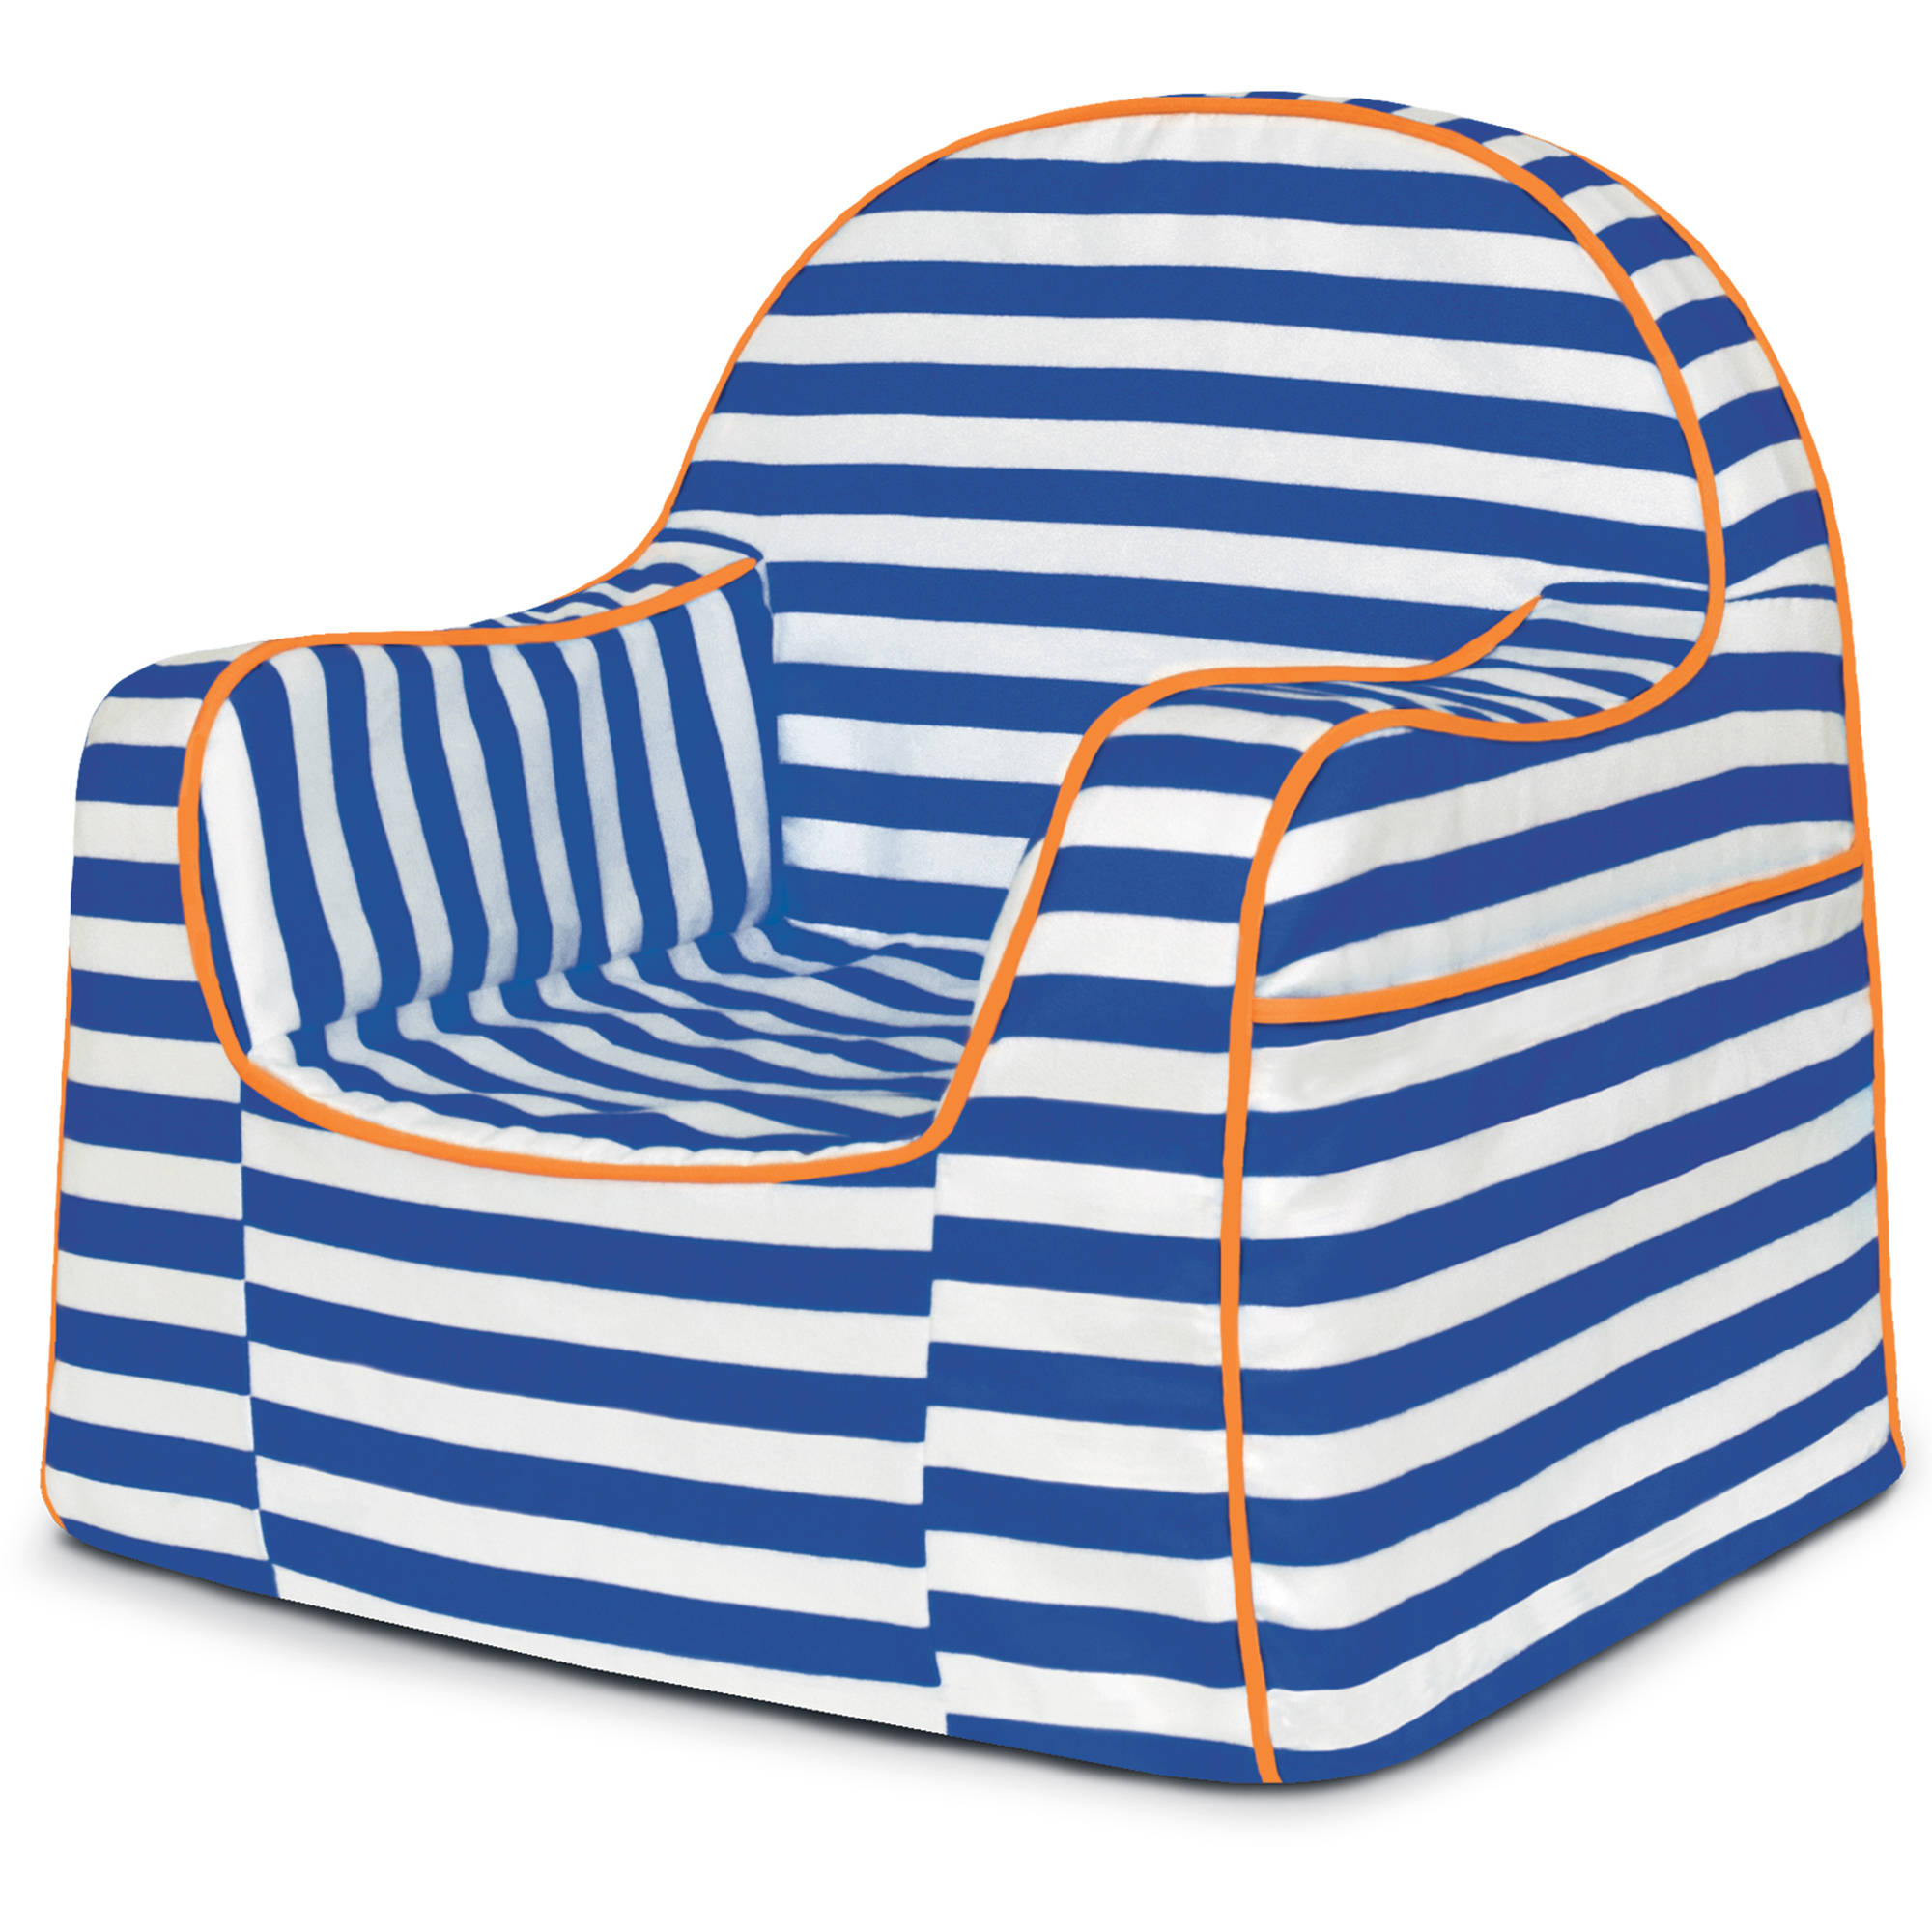 P'kolino Little Reader Chair, Multiple Colors